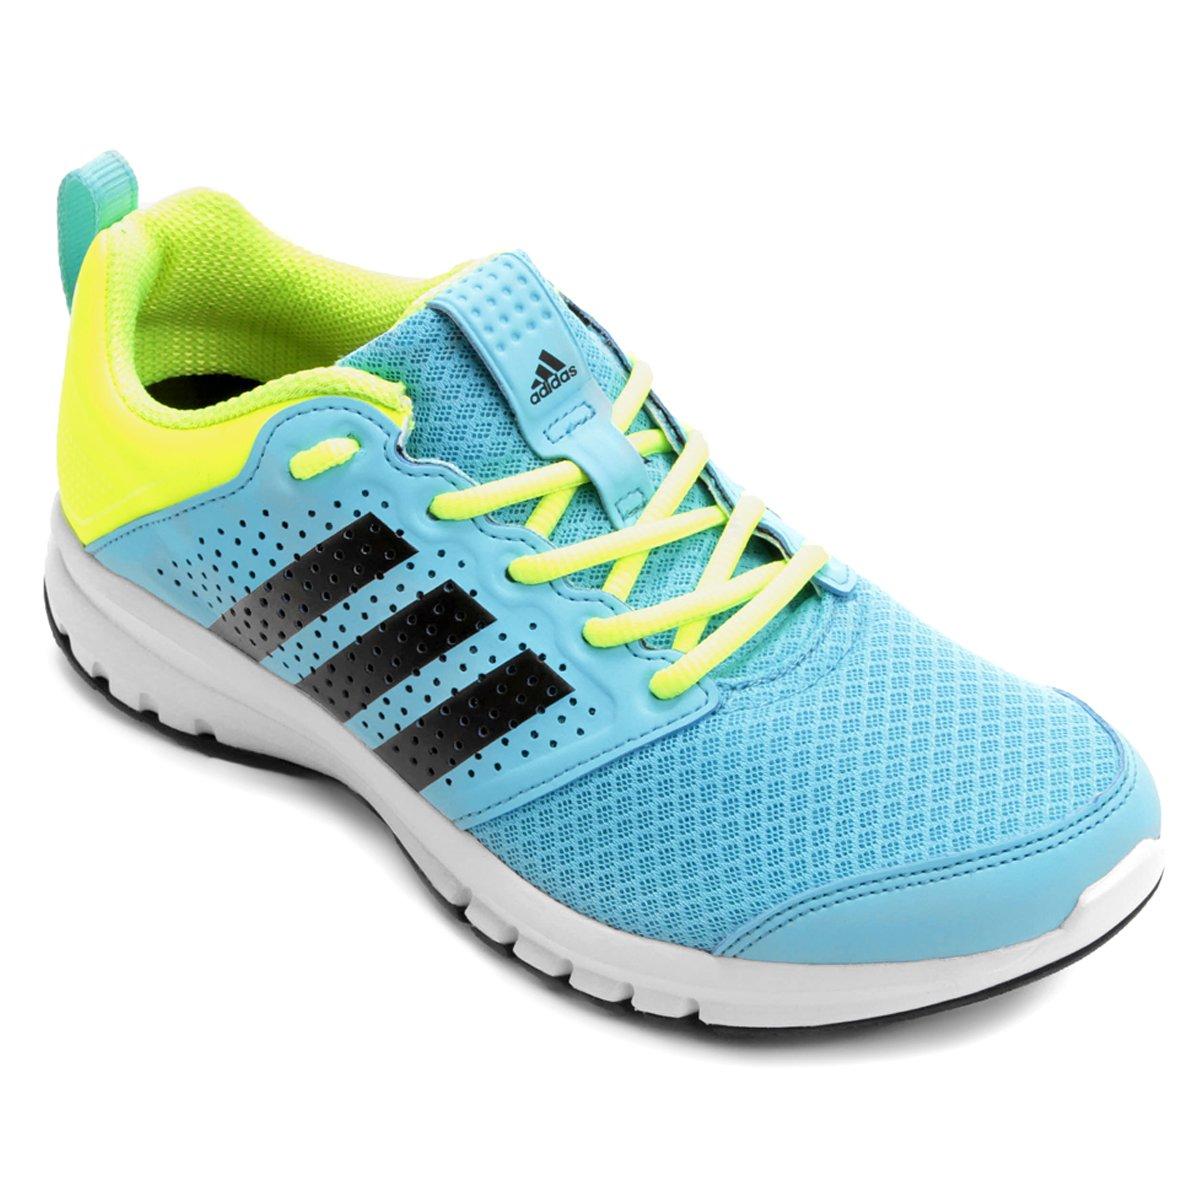 365ee215cd0 Tênis Adidas Madoru - Compre Agora